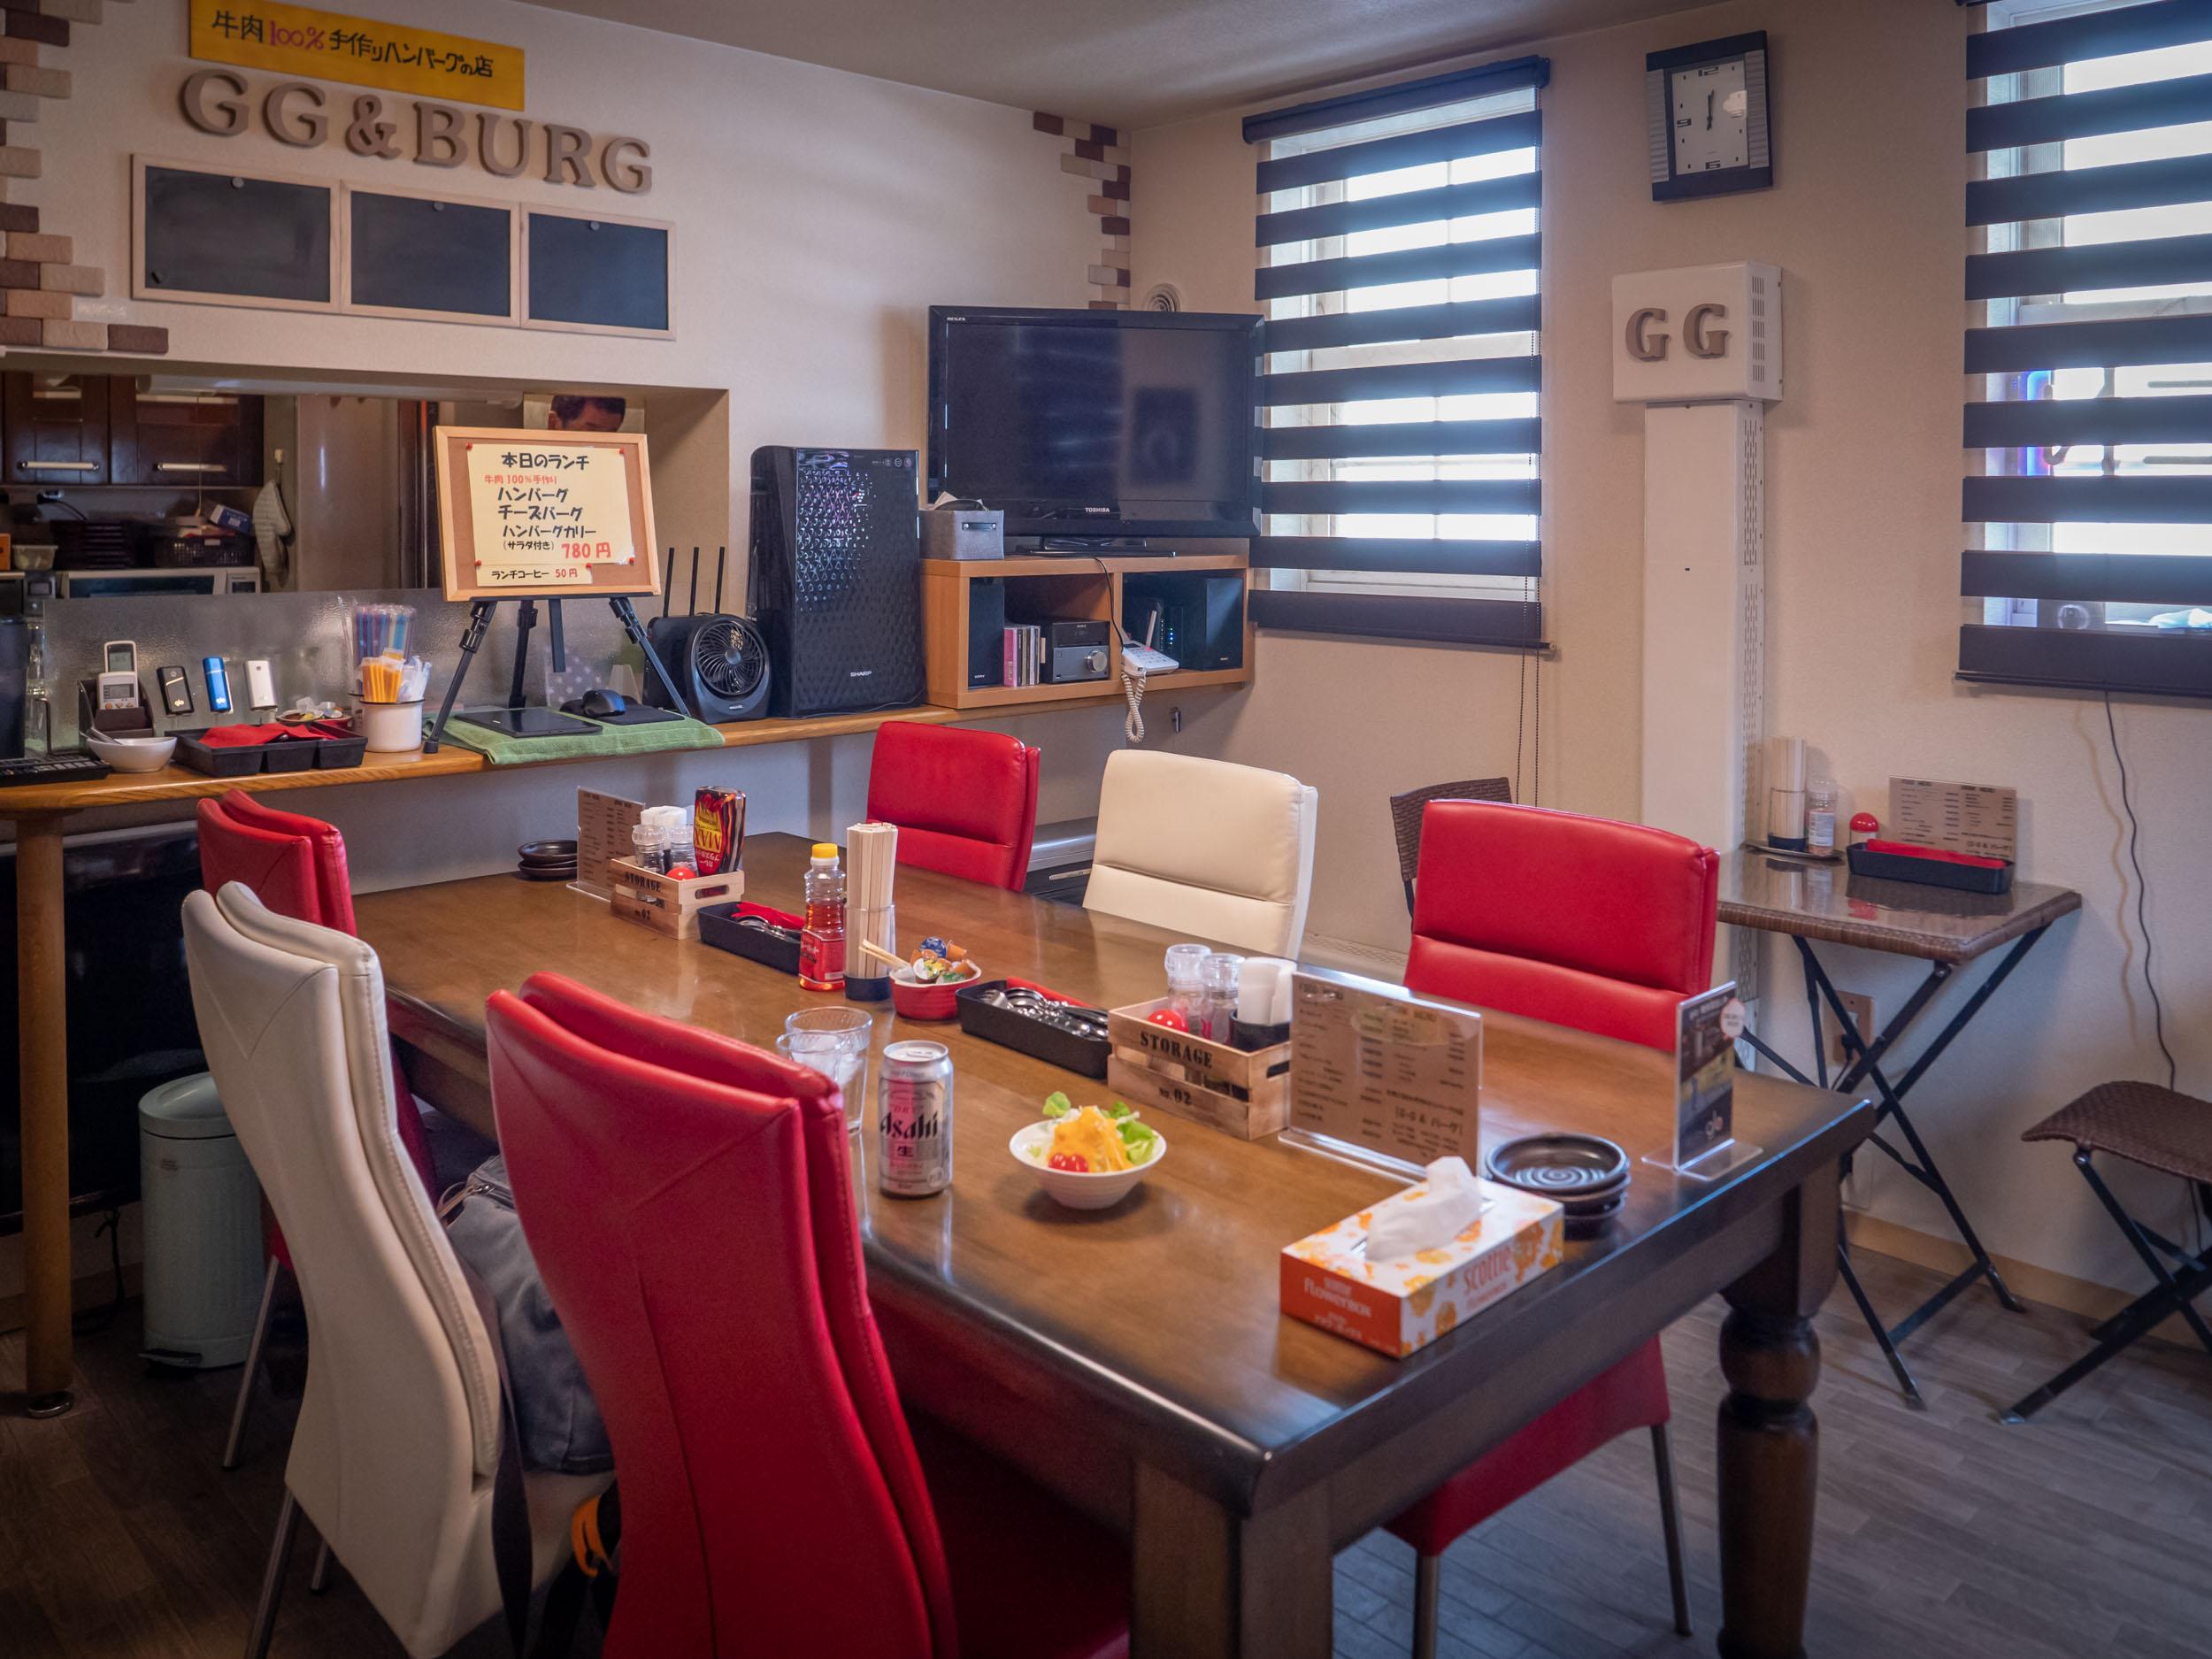 洋食店GG&バーグの店内<br> DMC-GX8 + LEICA DG 12-60mm